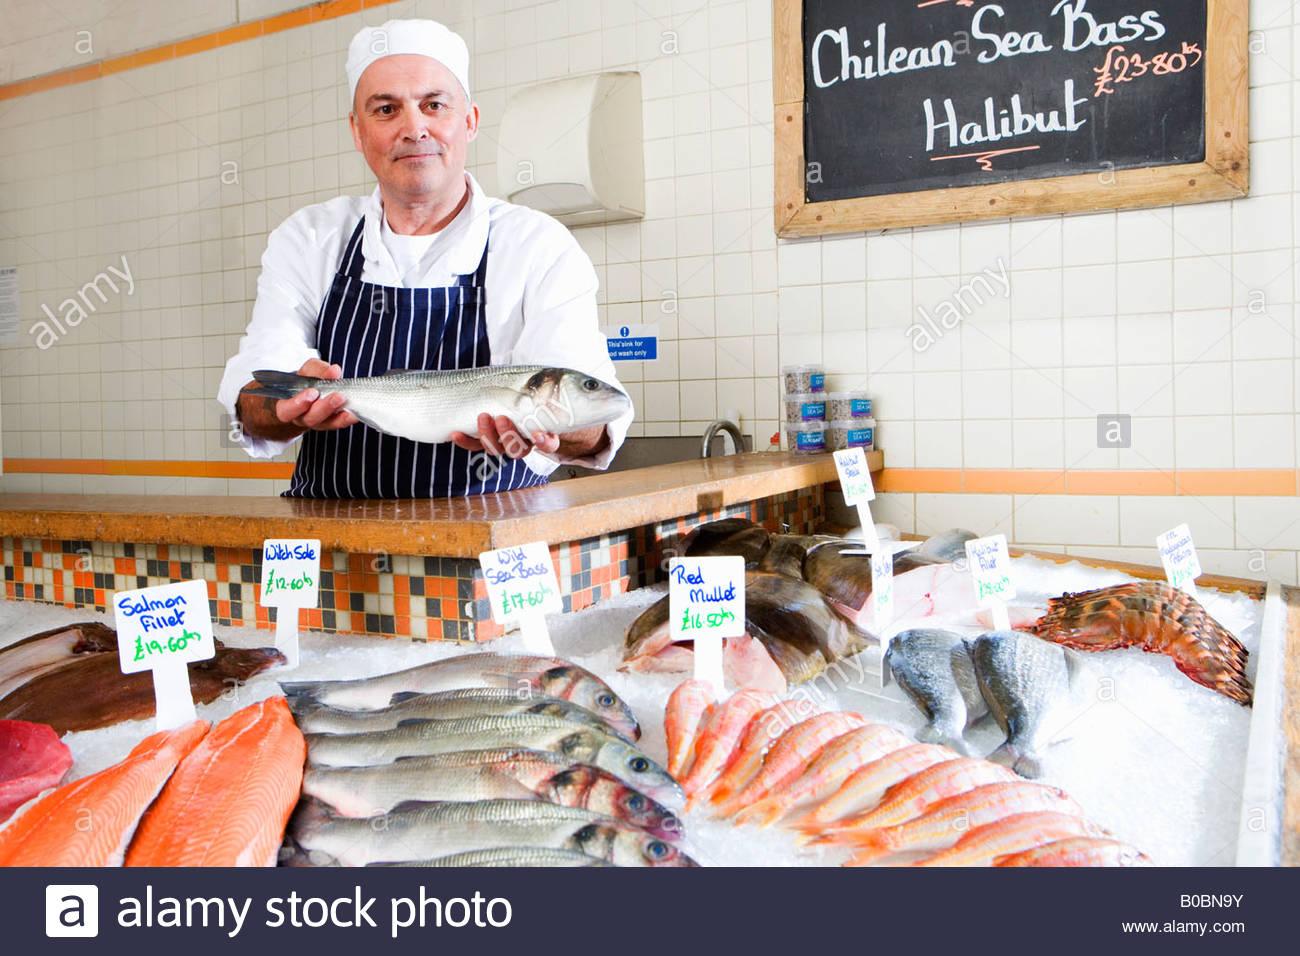 Poissonnier derrière compteur dans boutique, tenant des poissons, portrait Photo Stock